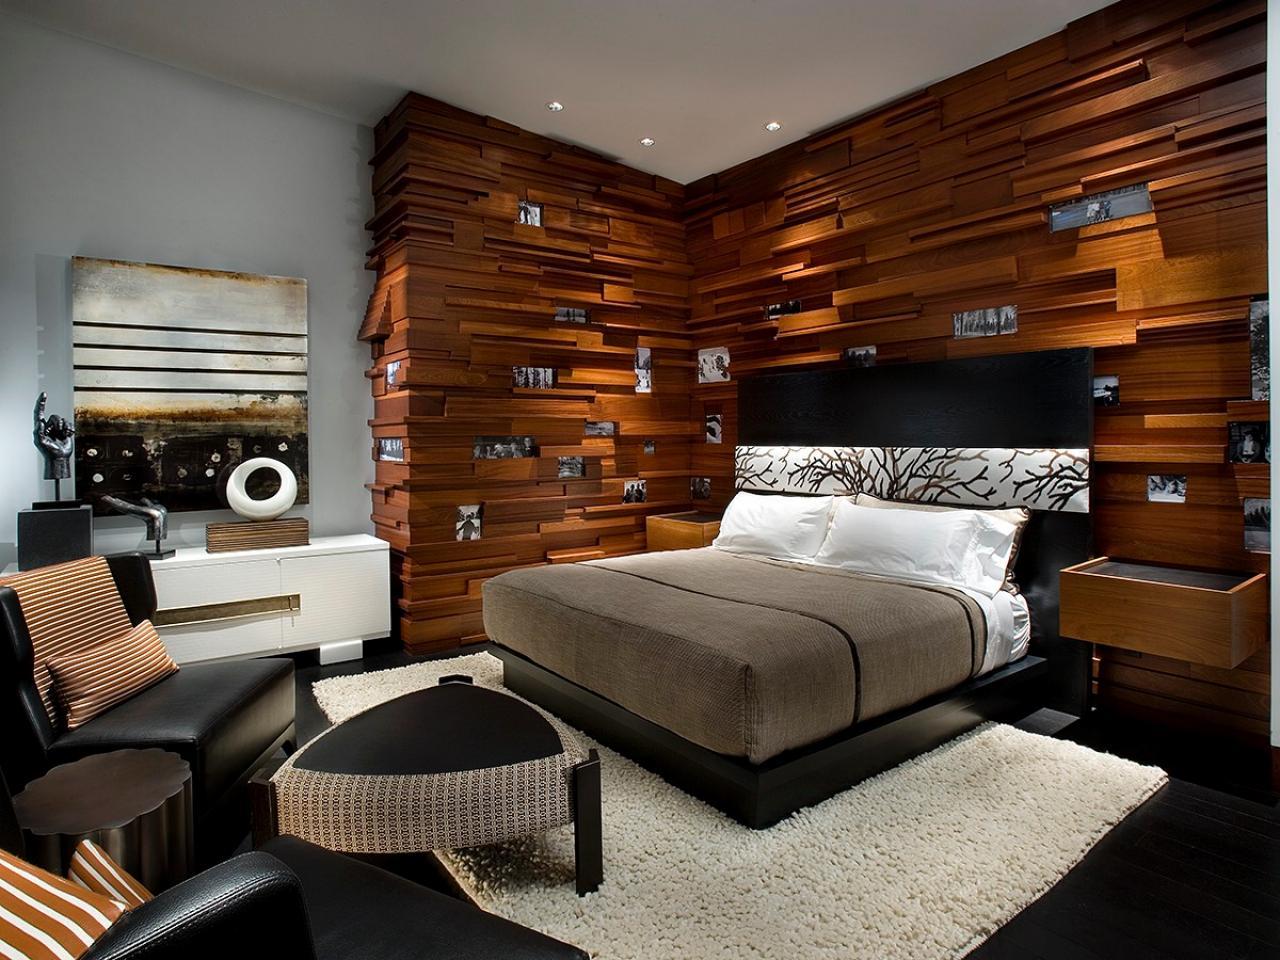 Anda bisa menambahkan berbagai elemen dekoratif yang unik dan tidak lazim sebagaimana layaknya kamar tidur konvensional. Pastikan Anda memanfaatkan setiap sisi dinding Anda semaksimal mungkin sehingga menciptakan tampilan desain yang lebih mewah.